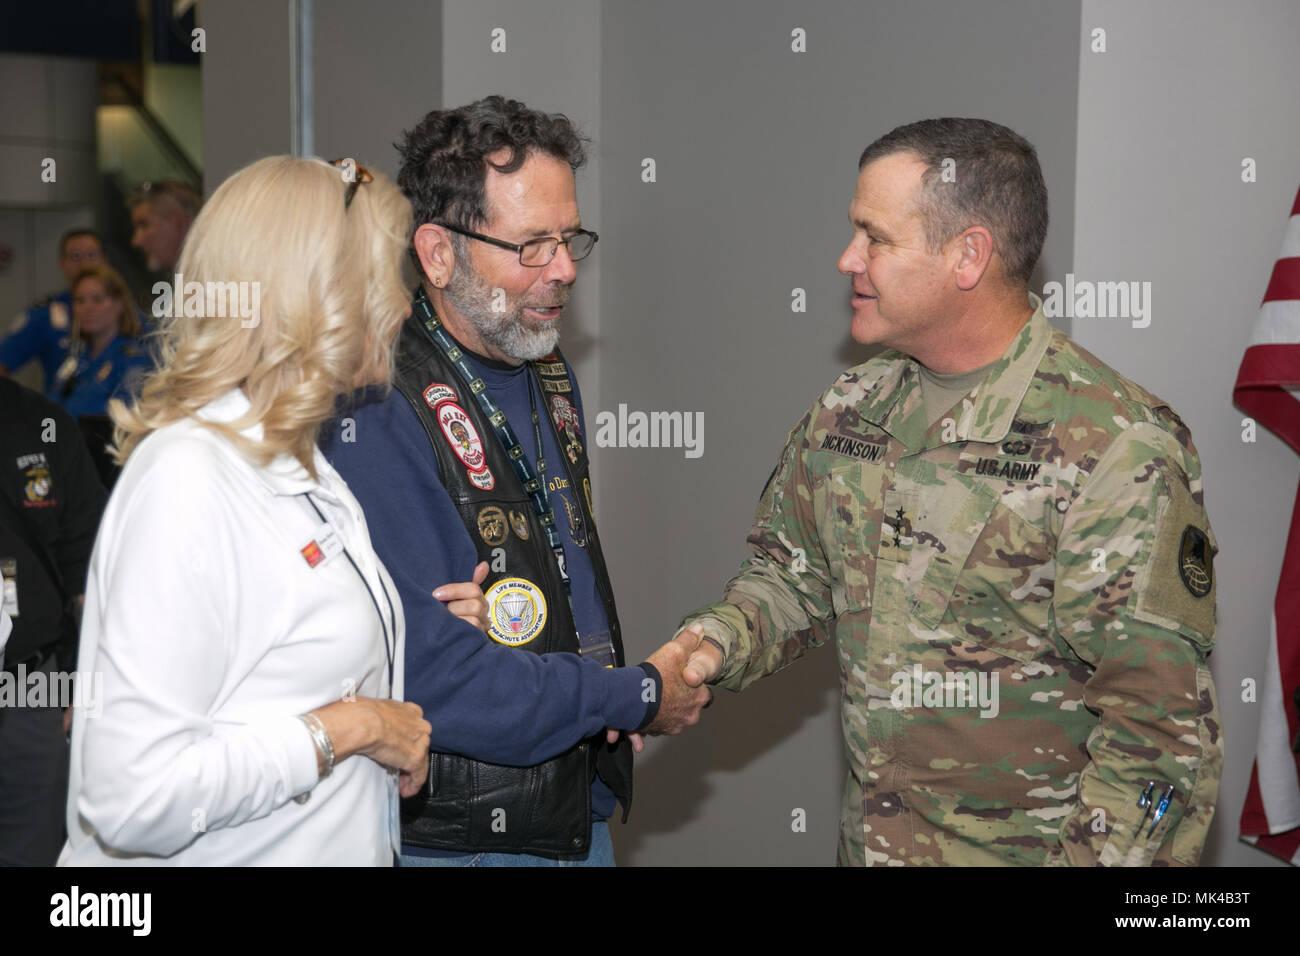 Le lieutenant général de l'armée américaine James Dickinson, commandant général de l'espace de l'armée et la défense antimissile / commande les forces de l'Armée de commandement stratégique, accueille un guerrier blessé à l'Aéroport International de Huntsville en commémoration de la Semaine des anciens combattants 8 novembre 2017, à Huntsville, Alabama. Les héros bienvenue événement était organisé par le Semper Fi Task force communautaire de North Alabama. (U.S. Photo de l'armée par le Sgt. 1re classe Teddy Wade) Banque D'Images